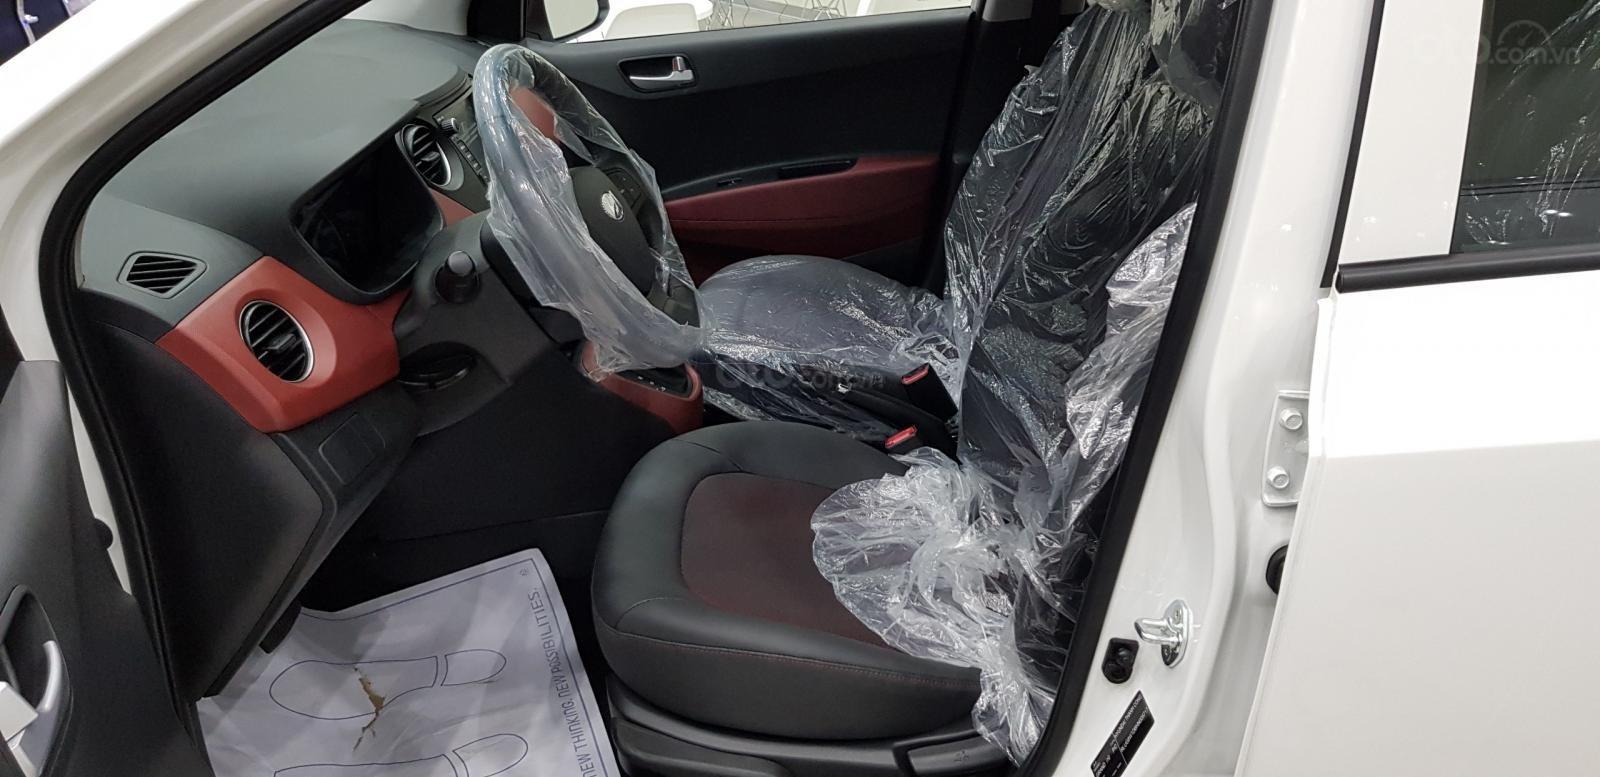 Bán Hyundai i10 hatchback, sản xuất 2019, có giao ngay, giá cạnh tranh, đủ màu, LH 0971626238 (9)